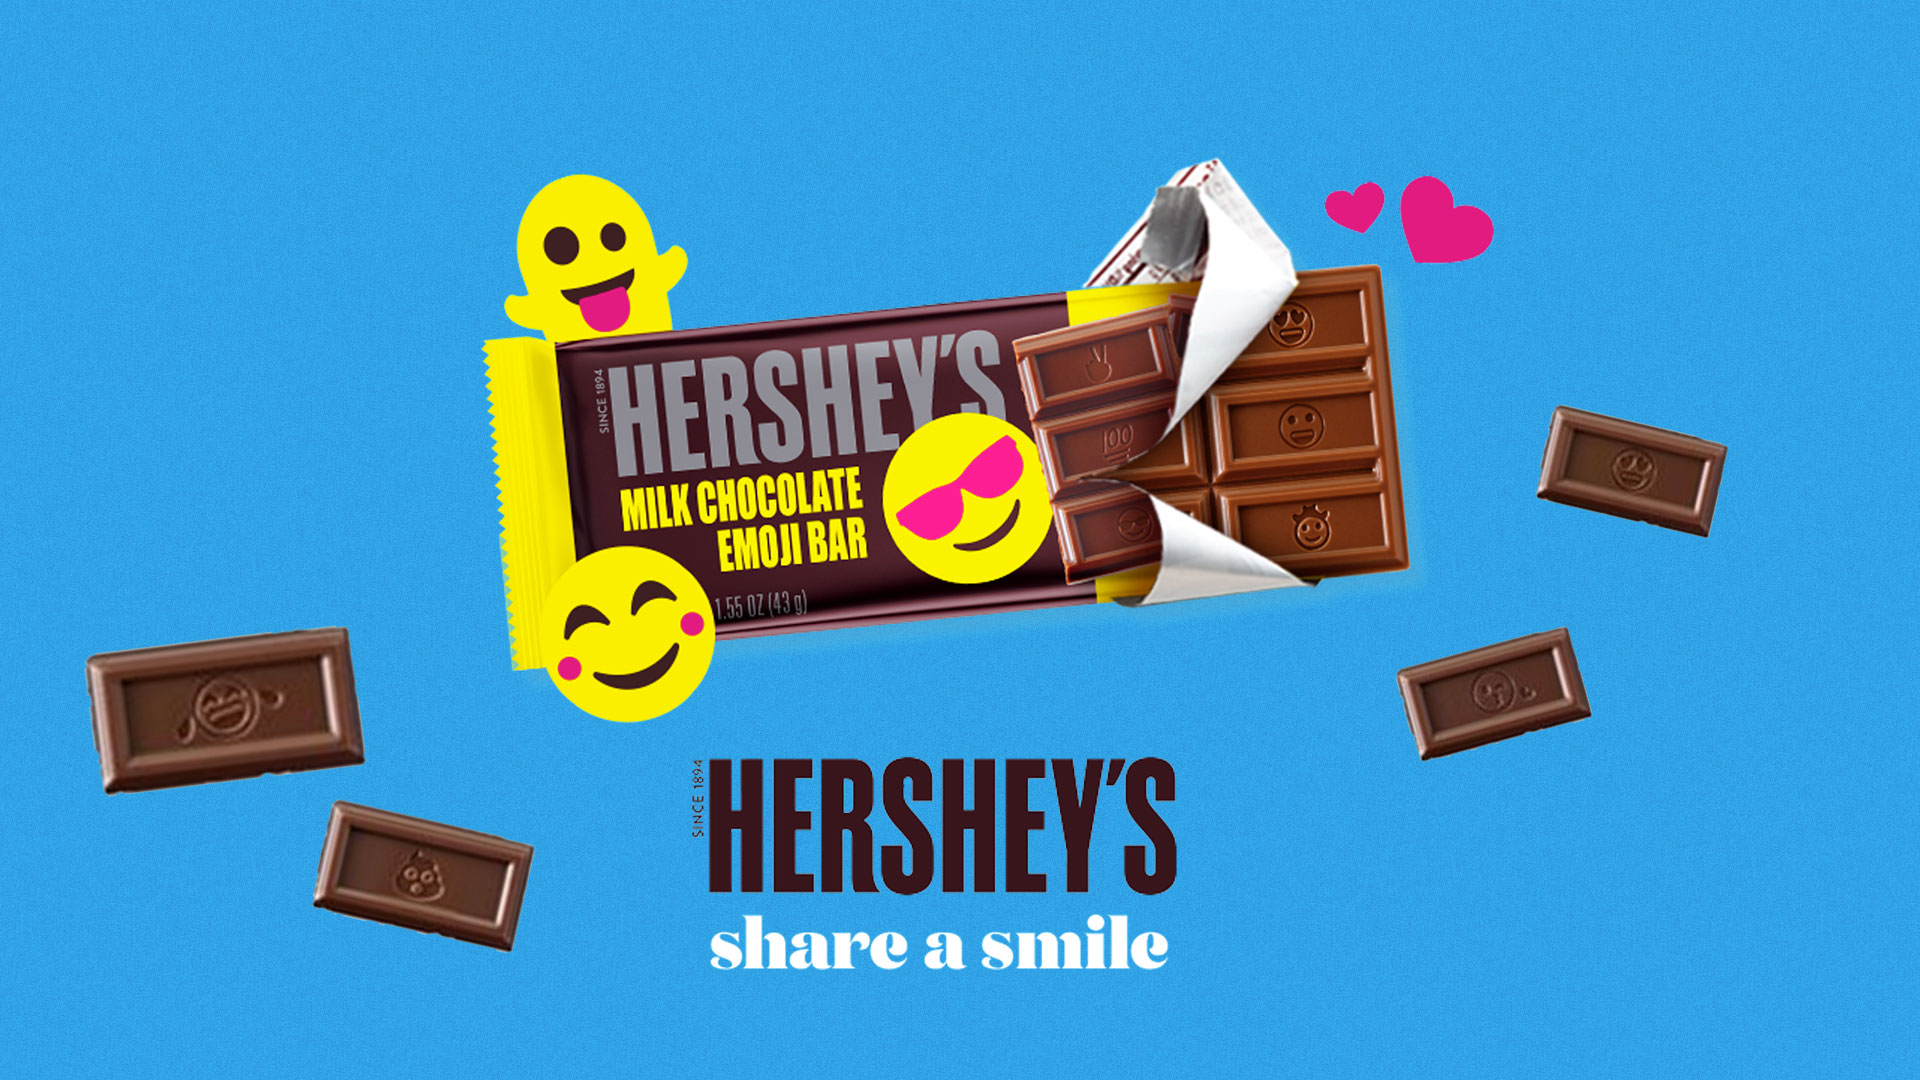 HERSHEY'S Emoji Bars